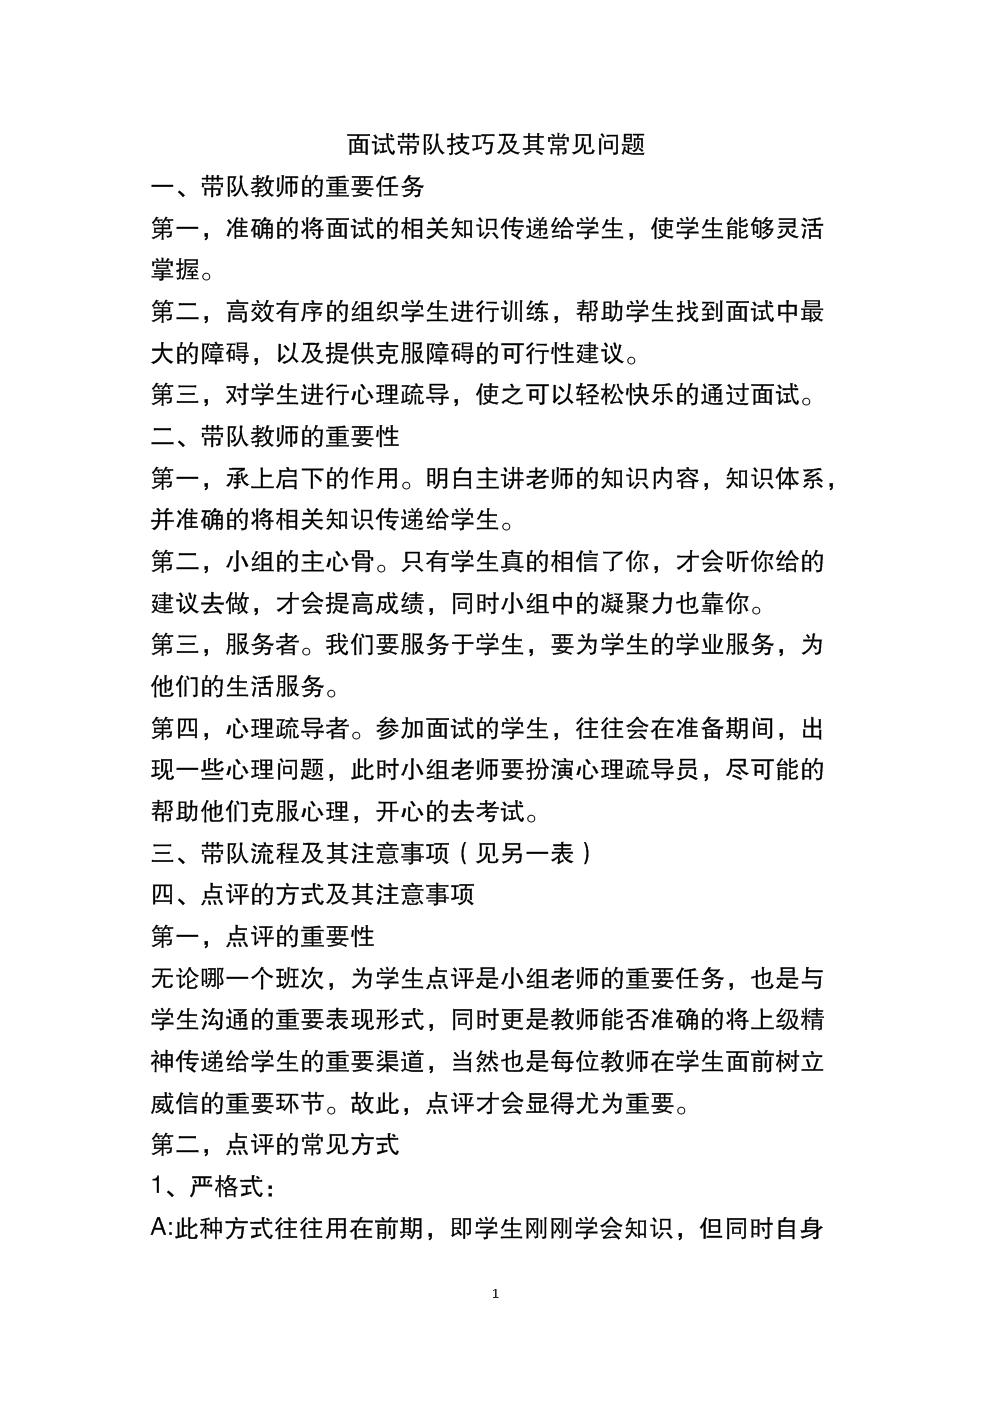 公务员面试带队技巧及其常见问题.doc